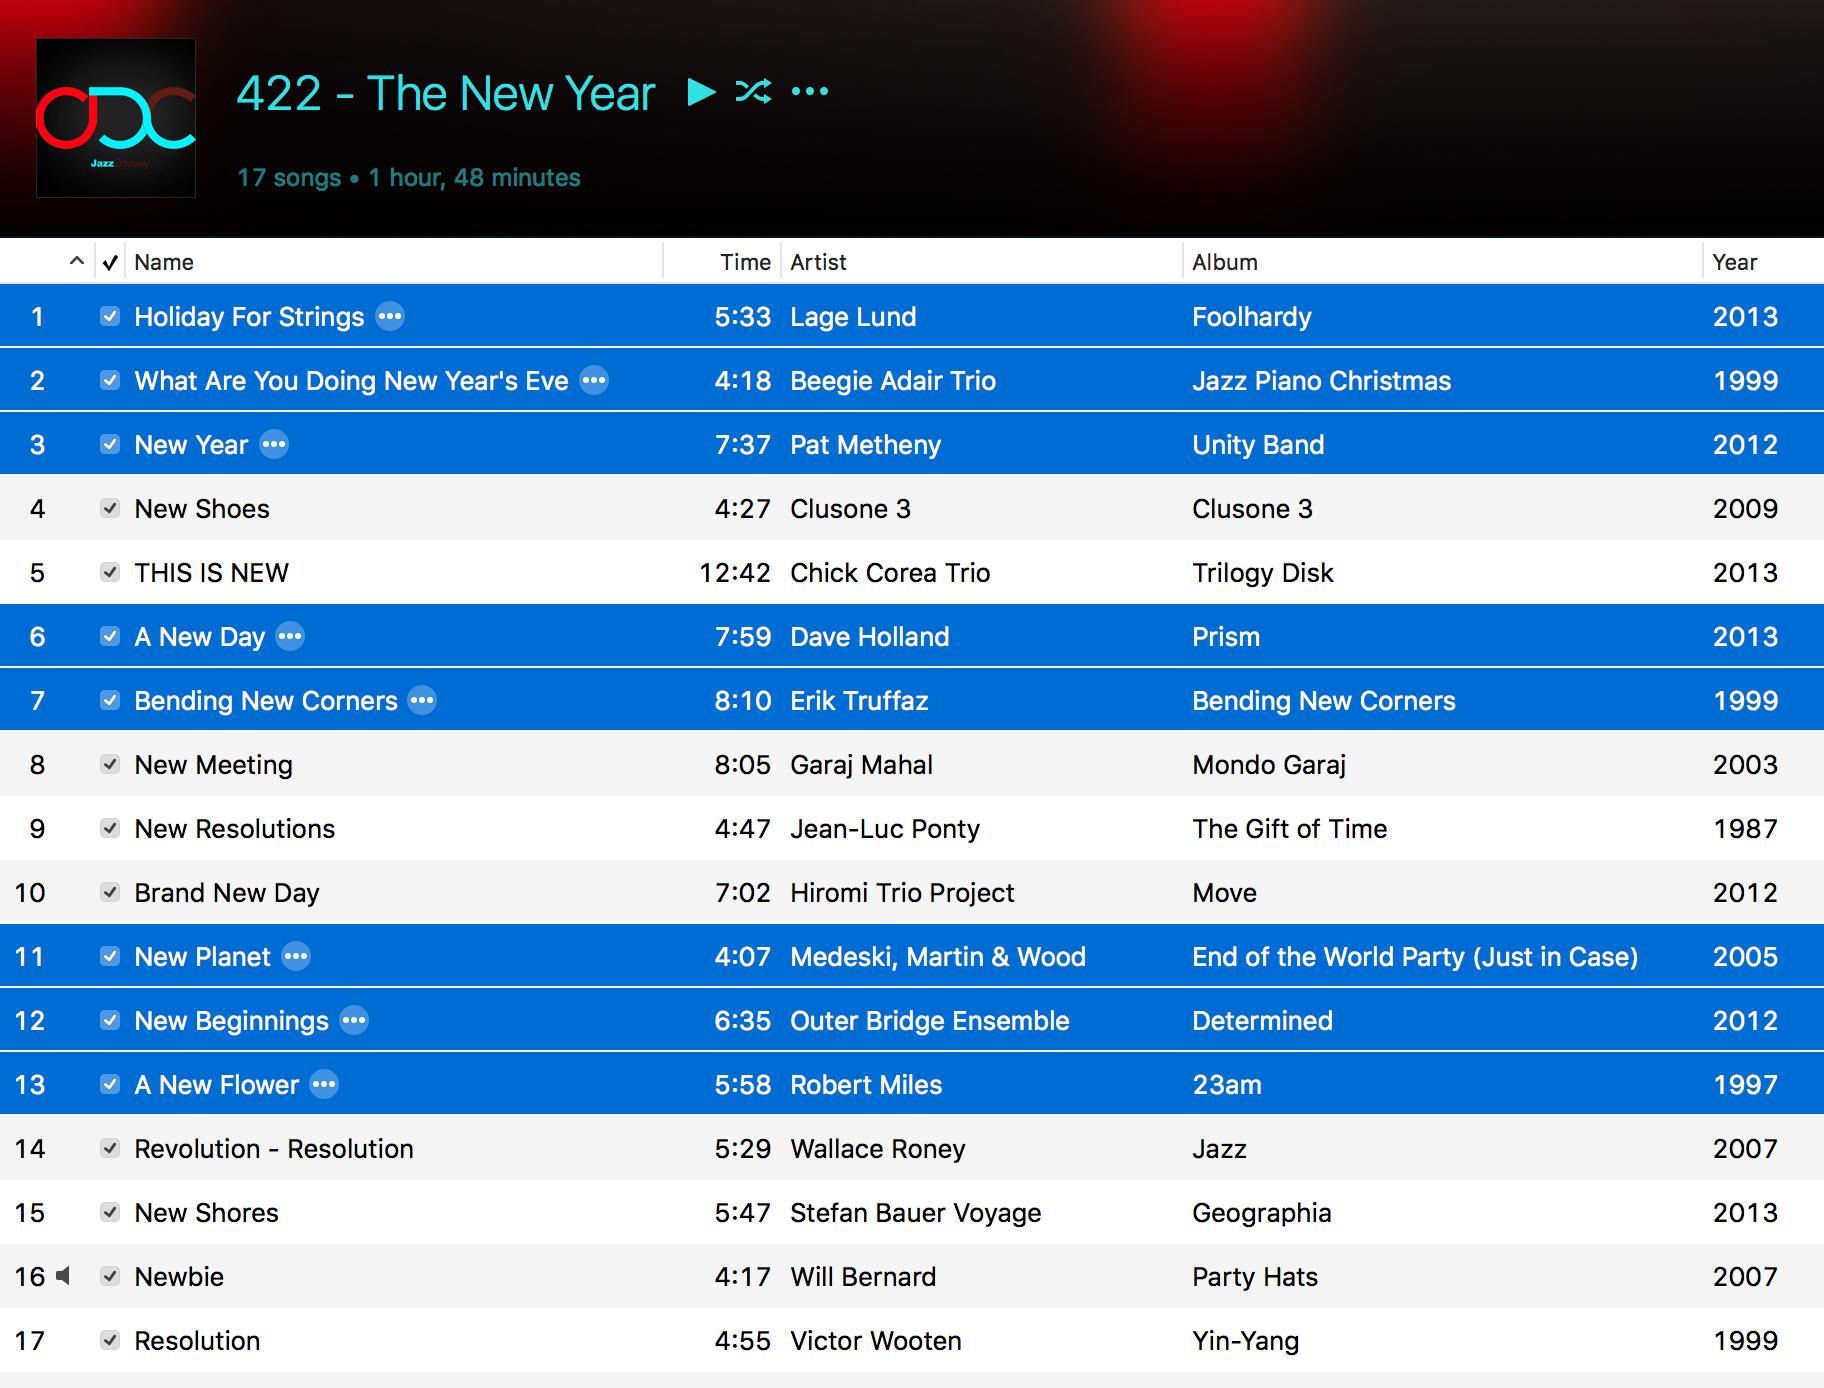 Jazz ODC #422 - The New Year - Playlist